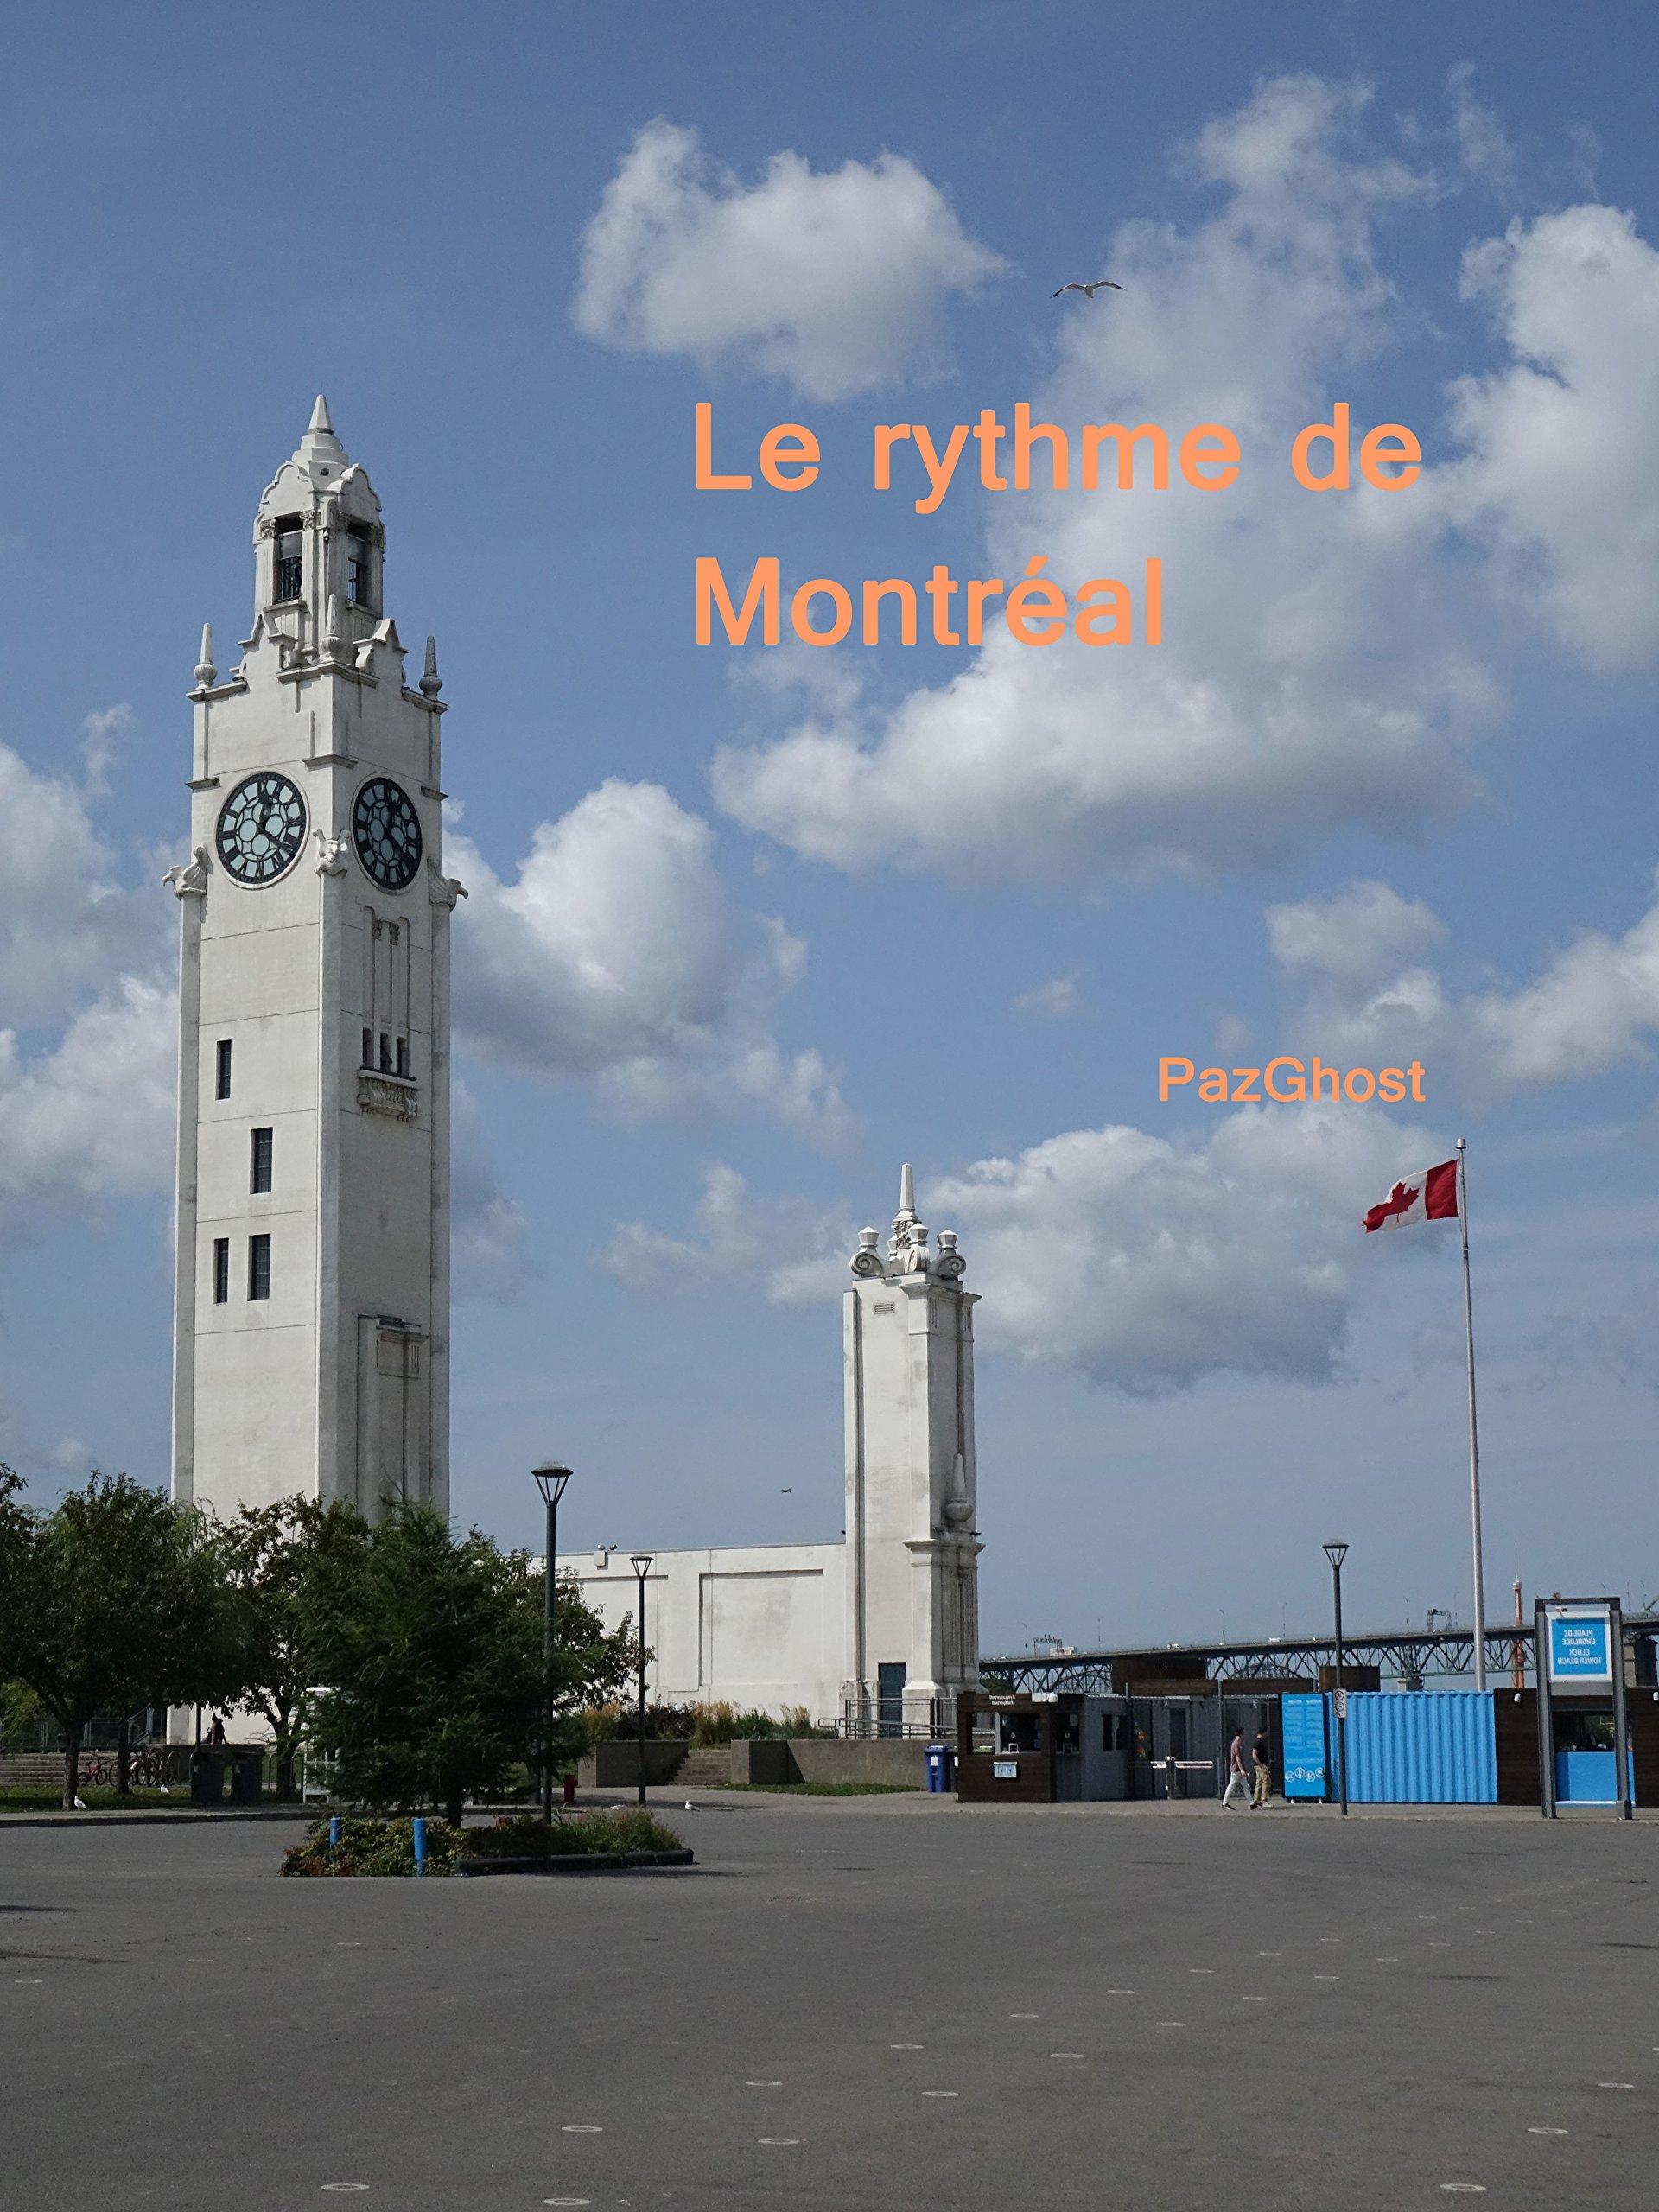 Le rythme de Montreal